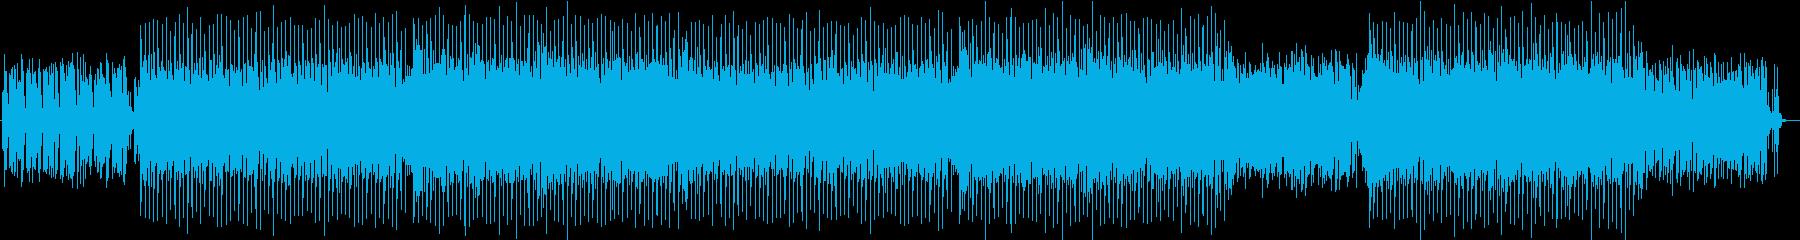 おしゃれ、爽やかで軽快なディスコサウンドの再生済みの波形